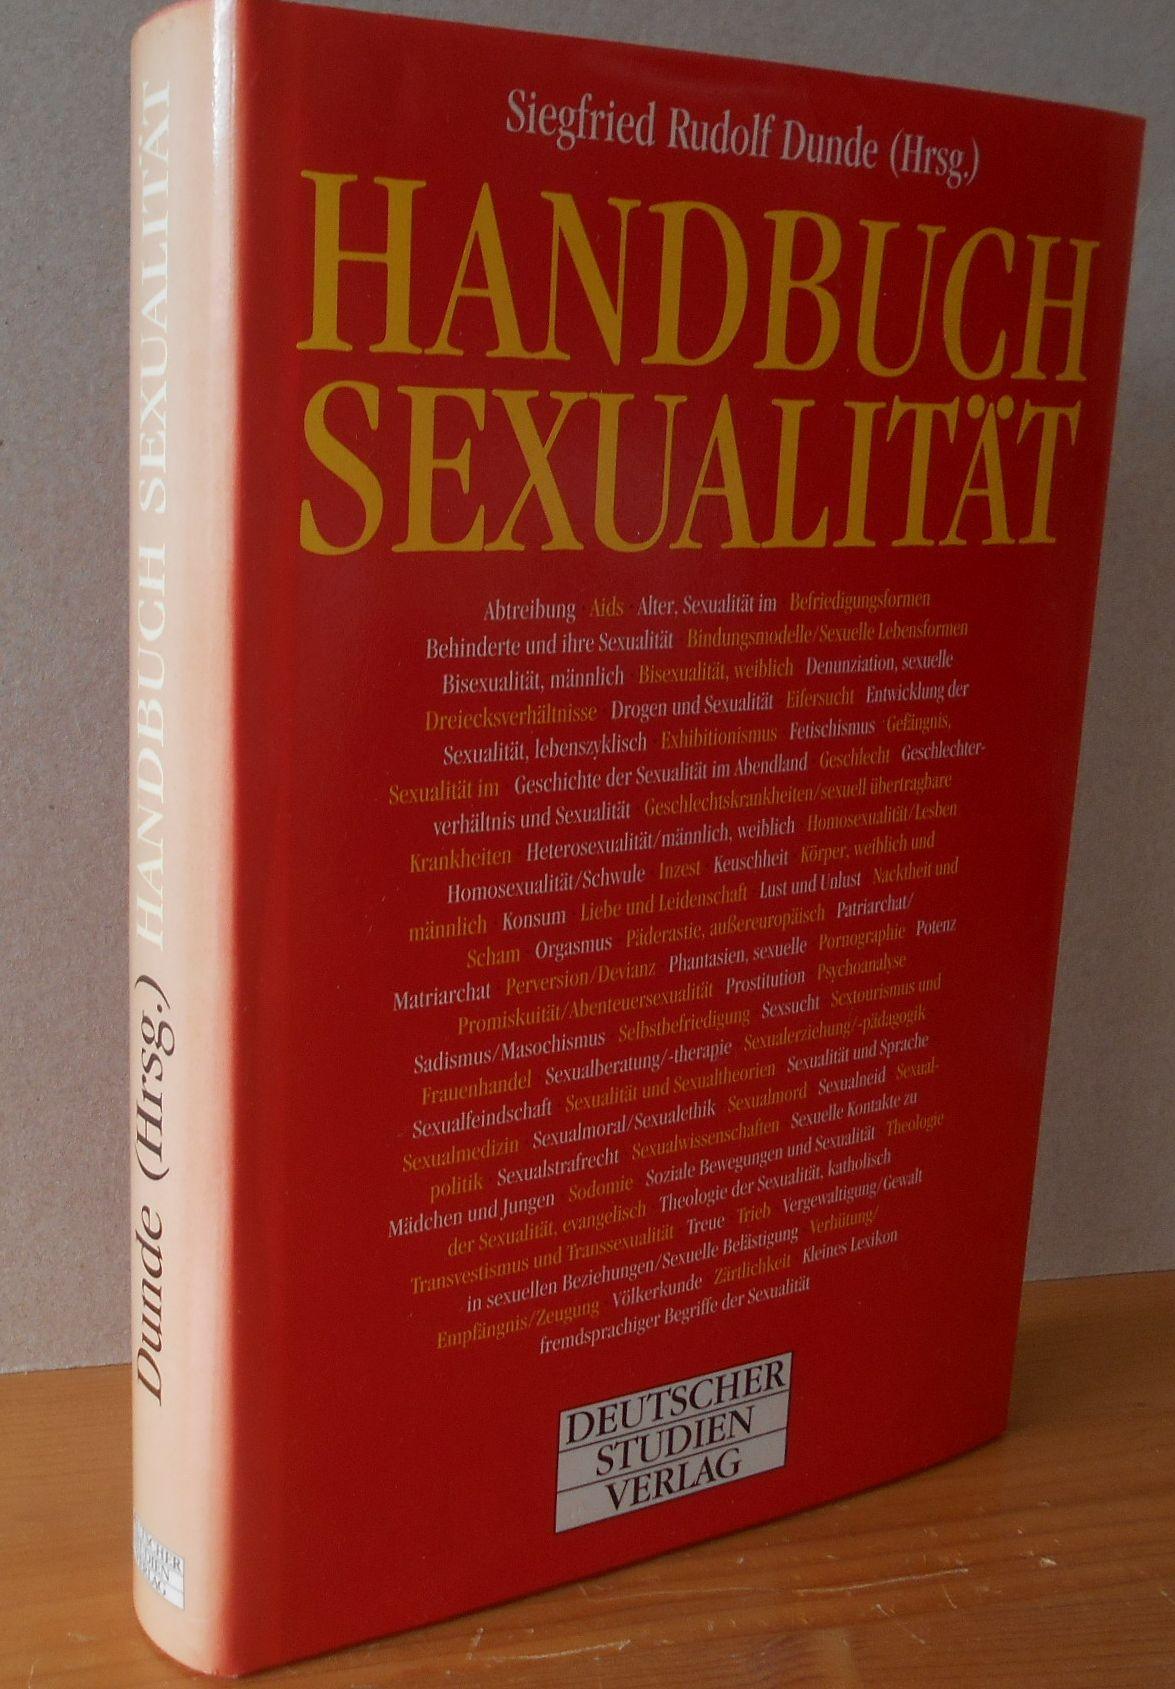 HANDBUCH SEXUALITÄT. hrsg. von Siegfried Rudolf Dunde 1. Auflage, Erstausgabe